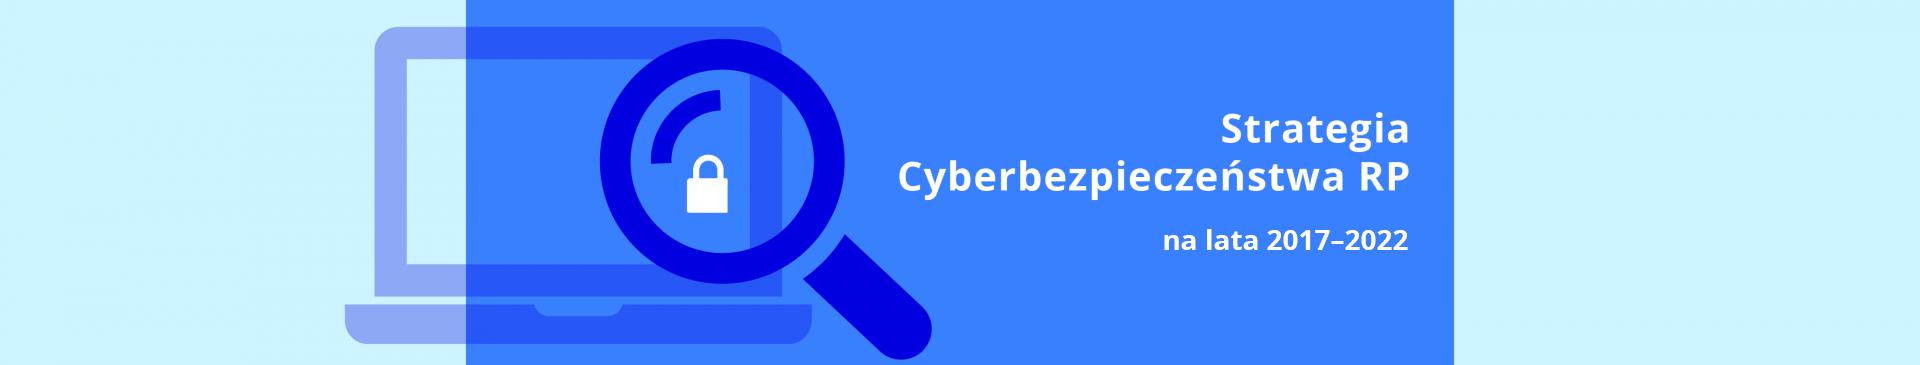 Strategia Cyberbezpieczeństwa 2017-2022 slider